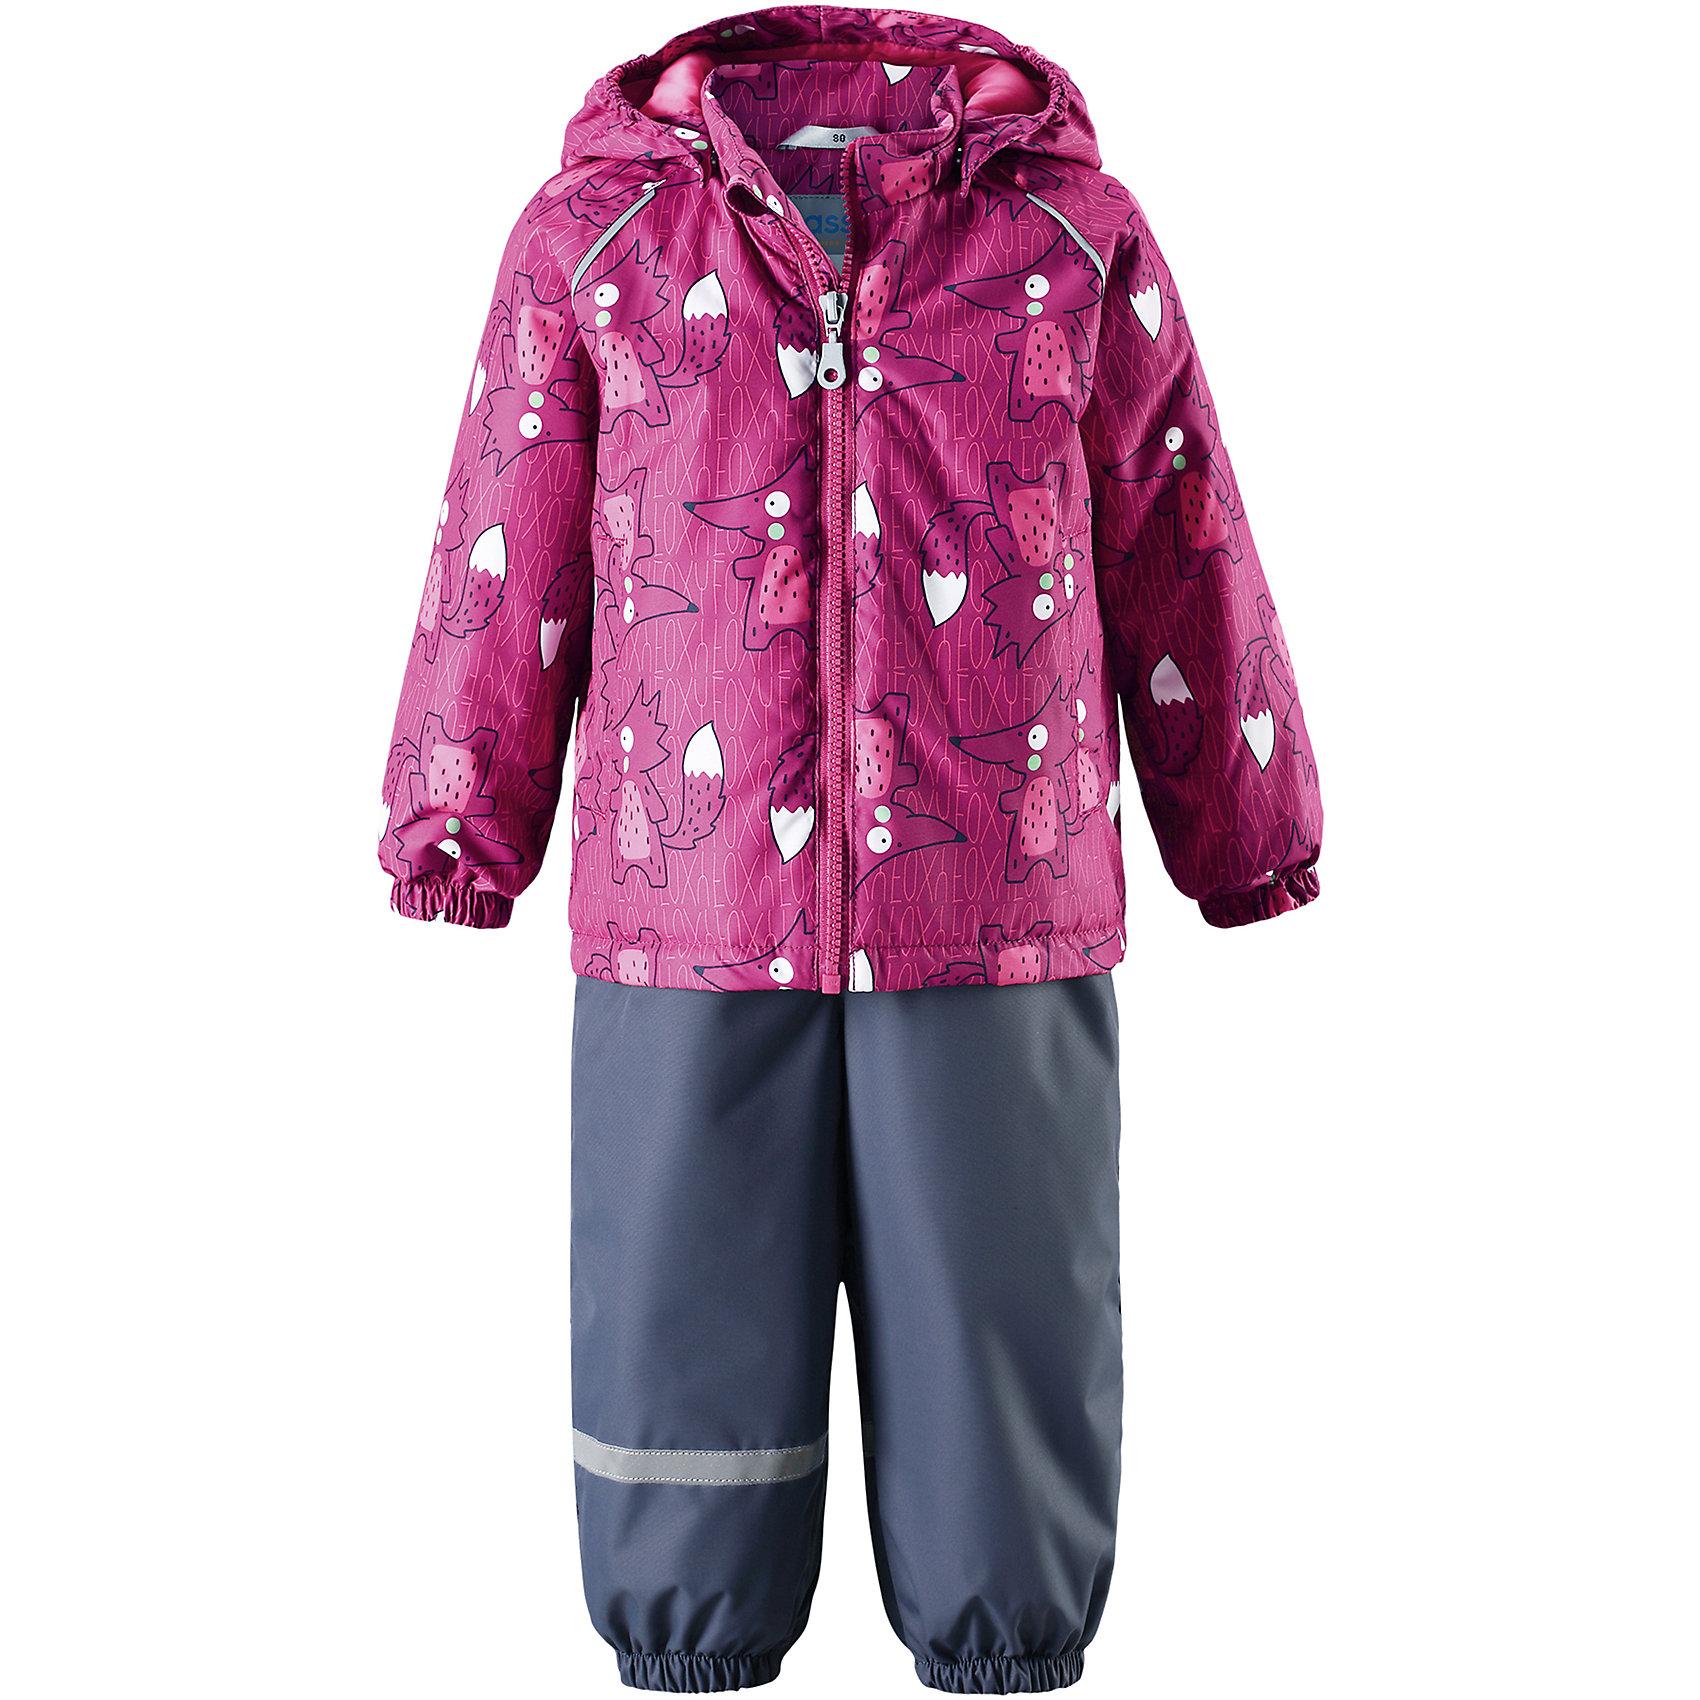 Комплект LASSIEВерхняя одежда<br>Комплект LASSIE<br>Состав:<br>100% Полиэстер, полиуретановое покрытие<br> Демисезонный комплект для самых маленьких.<br> Водоотталкивающий, ветронепроницаемый и «дышащий» материал.<br> Гладкая подкладка из полиэстра.<br> Легкая степень утепления.<br> Безопасный, съемный капюшон.<br> Эластичные манжеты.<br> Регулируемый обхват талии.<br> Эластичные штанины.<br> Съемные штрипки.<br> Два прорезных кармана.<br> Регулируемые эластичные подтяжки.<br><br>Ширина мм: 356<br>Глубина мм: 10<br>Высота мм: 245<br>Вес г: 519<br>Цвет: розовый<br>Возраст от месяцев: 18<br>Возраст до месяцев: 24<br>Пол: Унисекс<br>Возраст: Детский<br>Размер: 86,80,74,98,92<br>SKU: 5264892